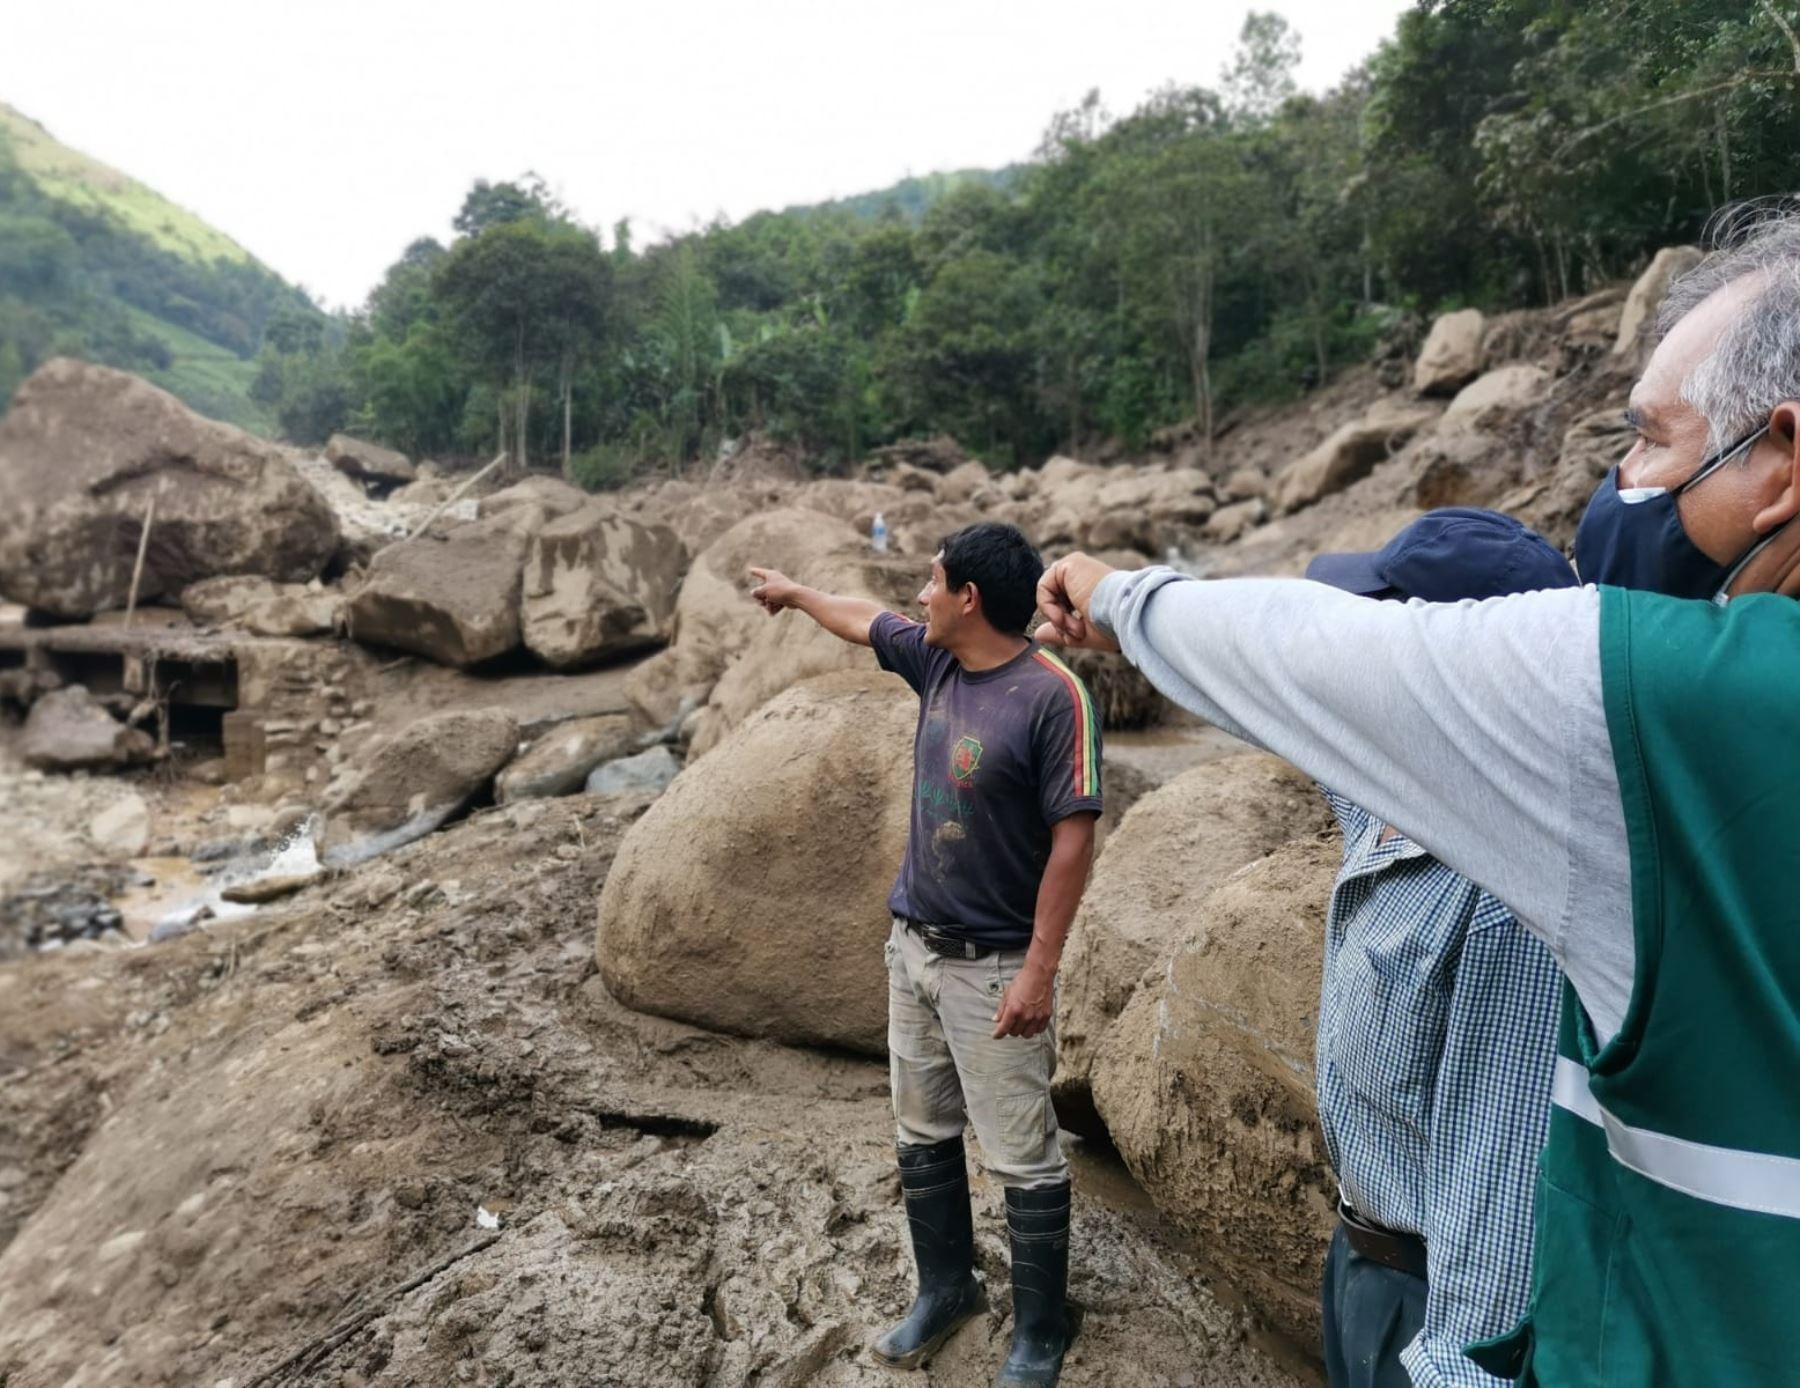 Brigadas del Minagri ejecutan acciones de atención de emergencia en distrito piurano de Canchaque, en Piura, donde un deslizamiento causó cuantiosos daños en la zona.